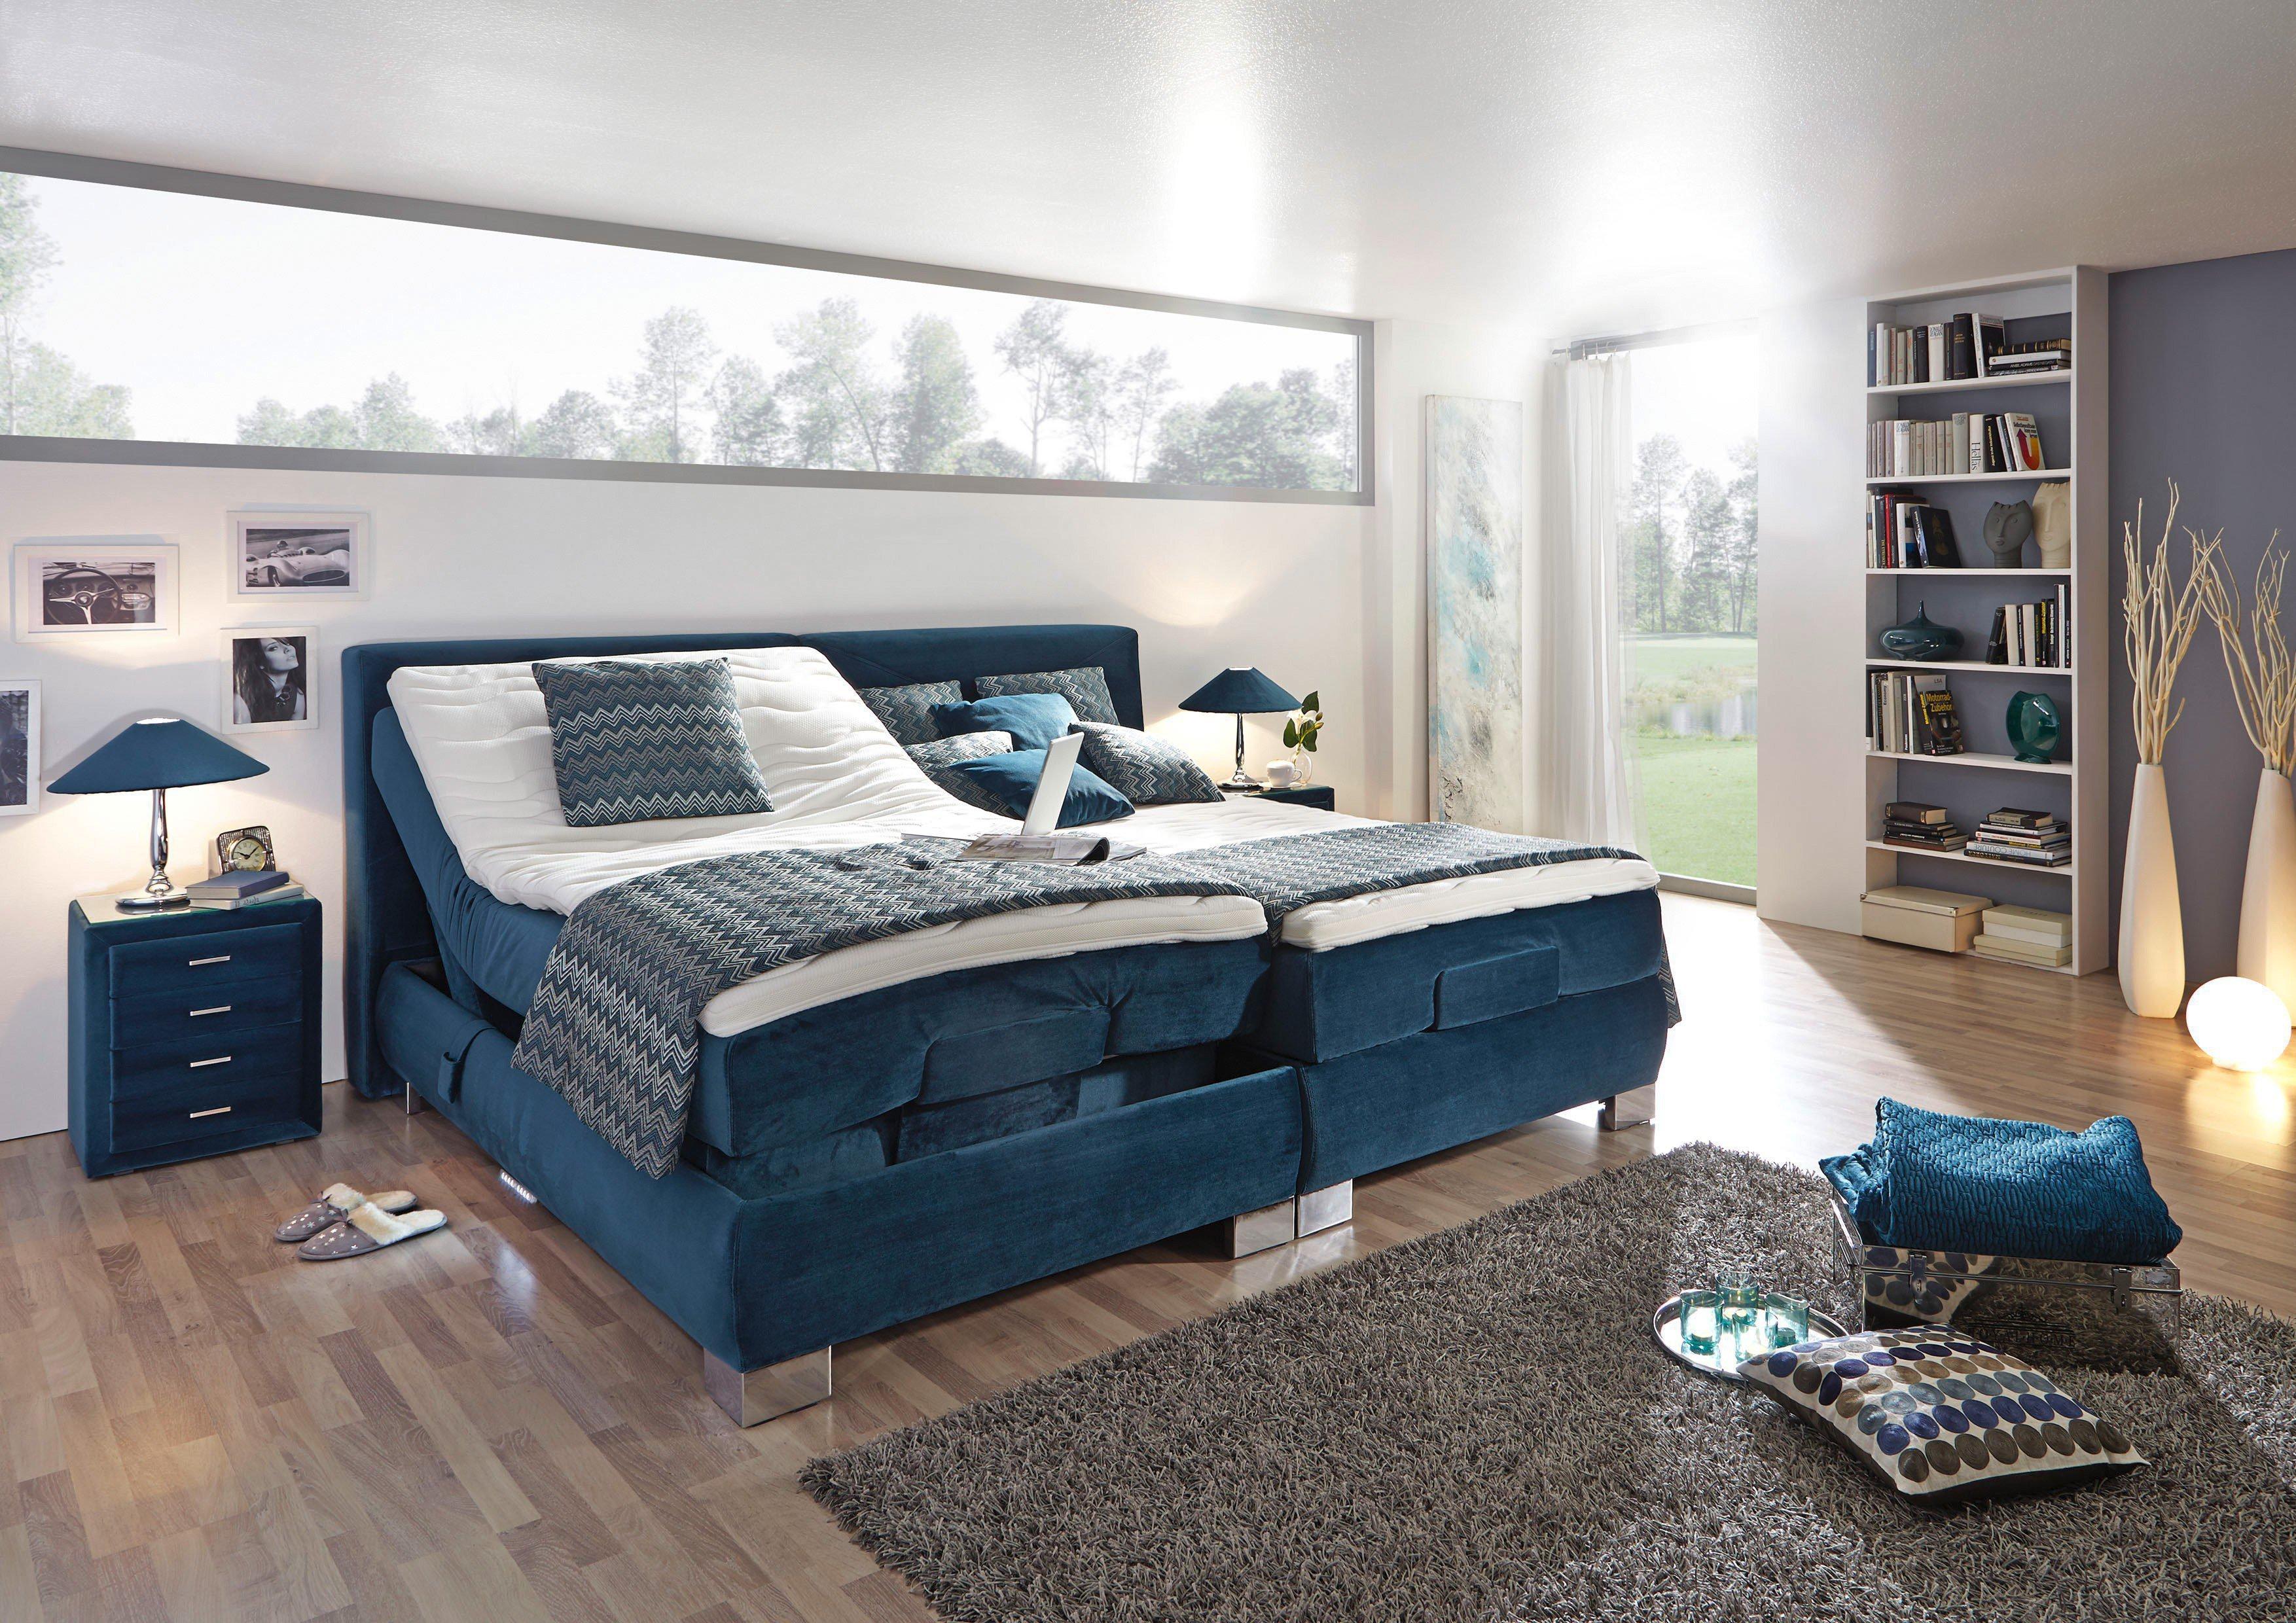 boxspringbett xl motor prestige von oschmann in blau m bel letz ihr online shop. Black Bedroom Furniture Sets. Home Design Ideas